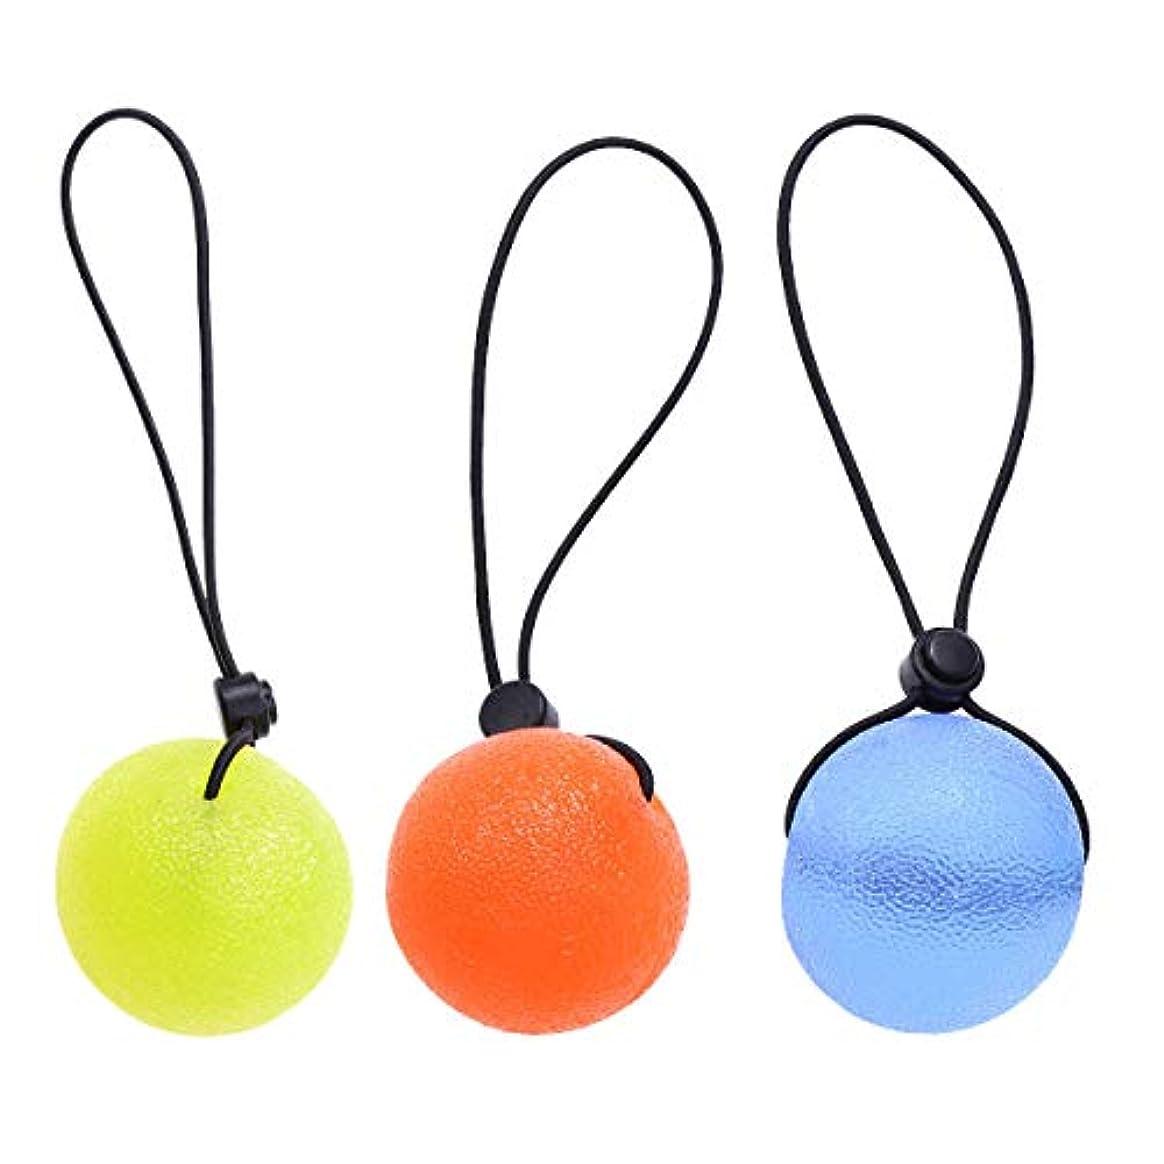 同一性気付くノベルティHEALIFTY ストレスリリーフボール、3本の指グリップボールセラピーエクササイズスクイズ卵ストレスボールストリングフィットネス機器(ランダムカラー)